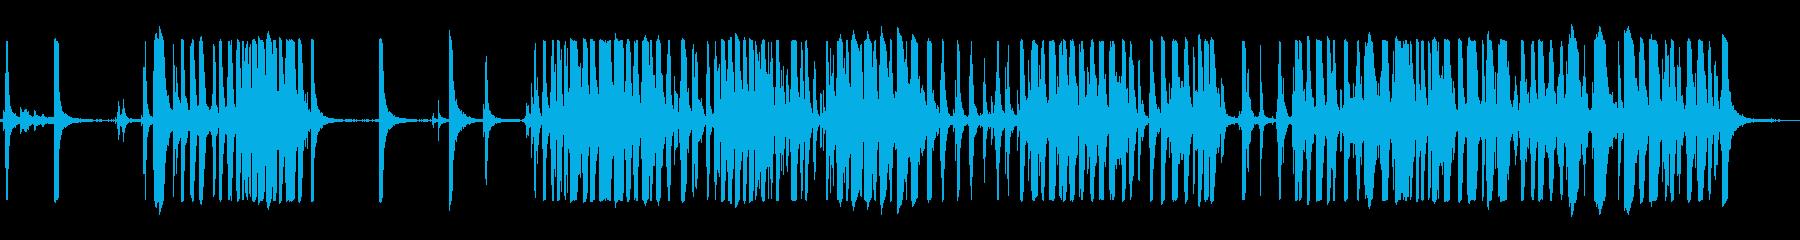 メタルクランク大の再生済みの波形